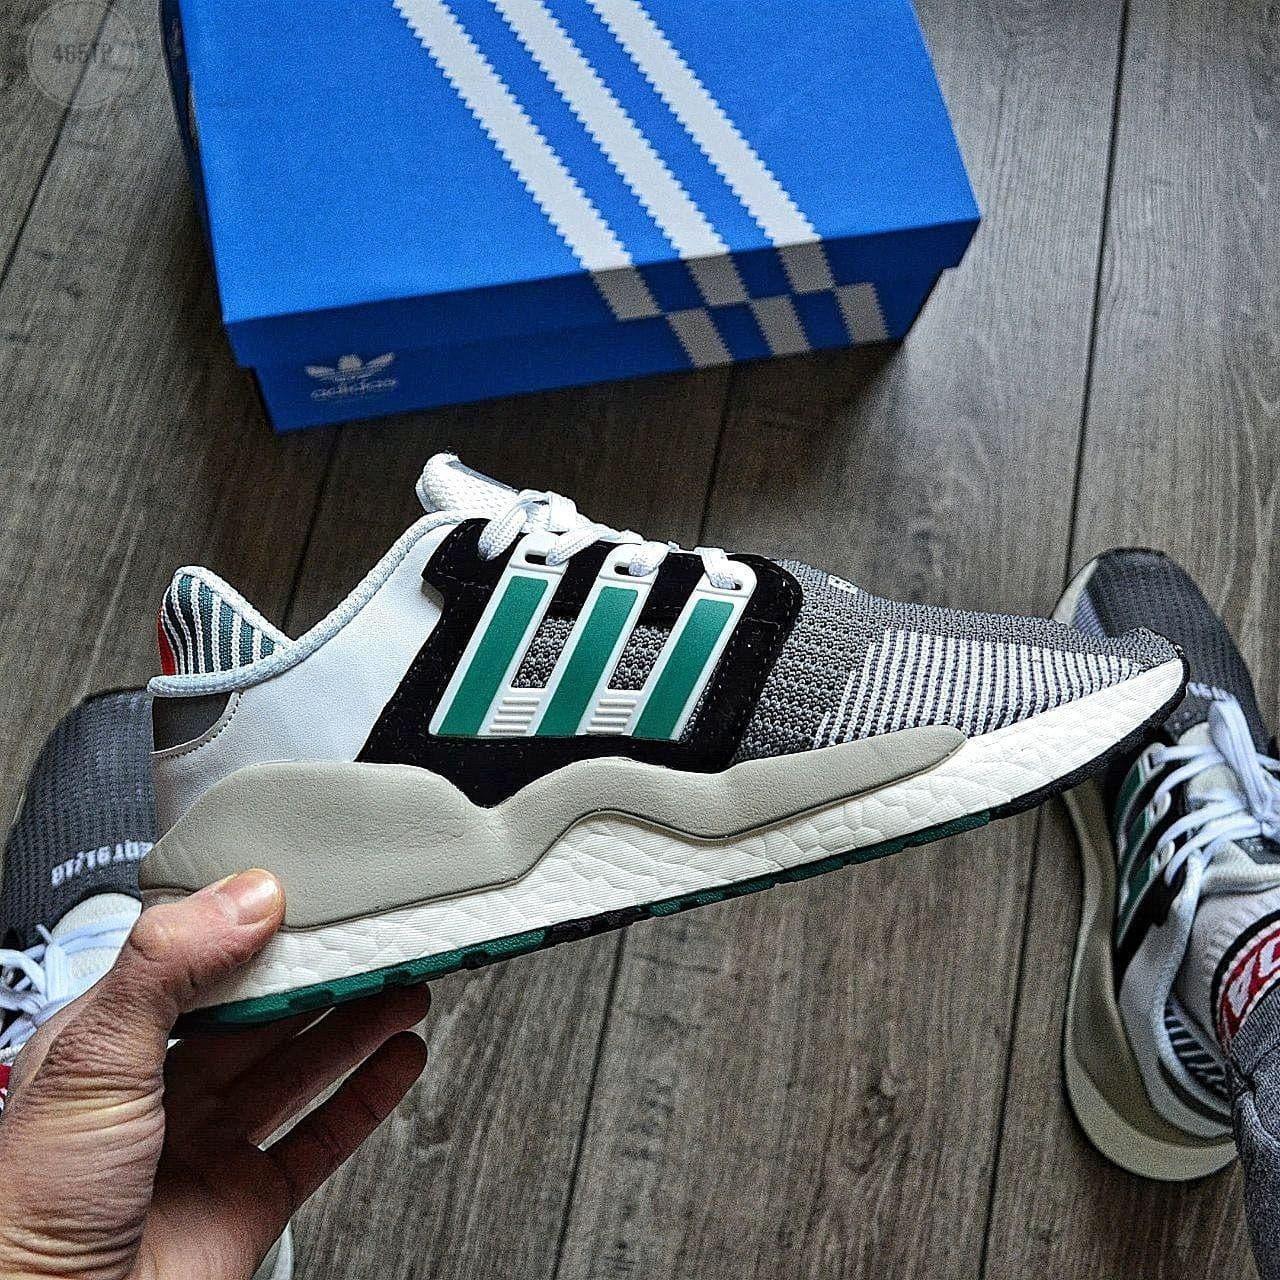 Чоловічі кросівки Adidas EQT SUPPORT (сірі) 465TP текстильна крута весняна взуття